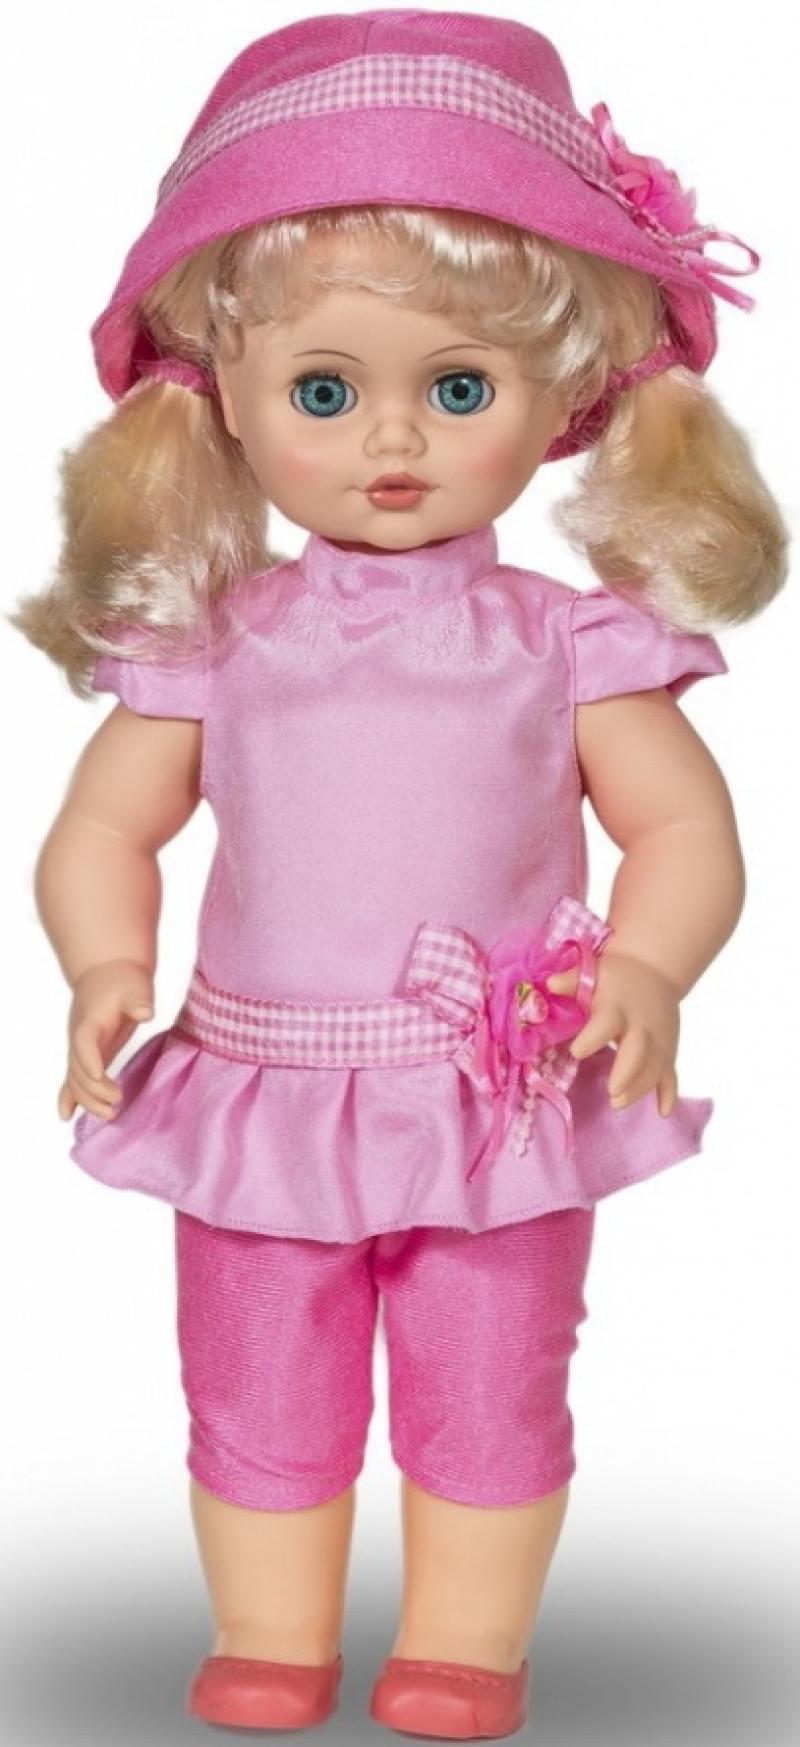 Кукла ВЕСНА Инна 49 (озвученная) В2257/о весна весна кукла интерактивная инна 3 озвученная